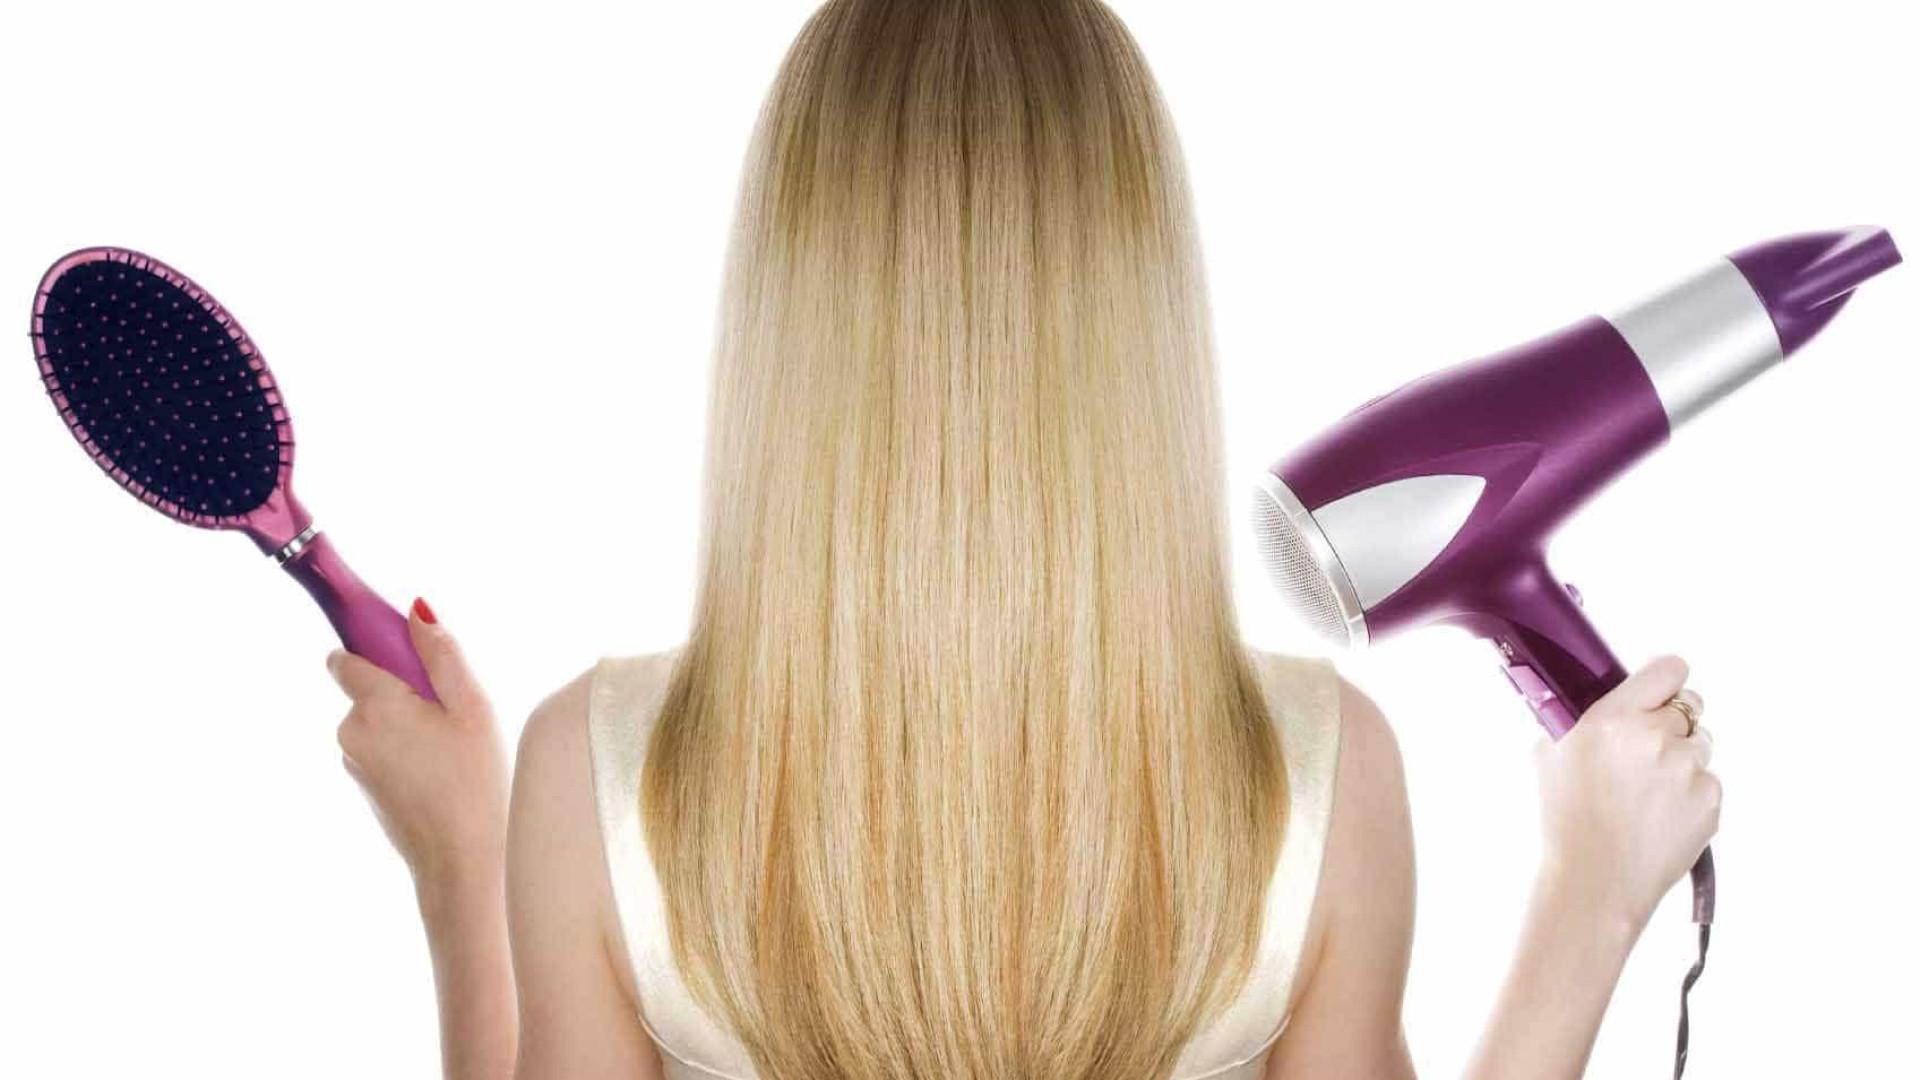 Anvisa proíbe alisantes de cabelo por causa de substância cancerígena